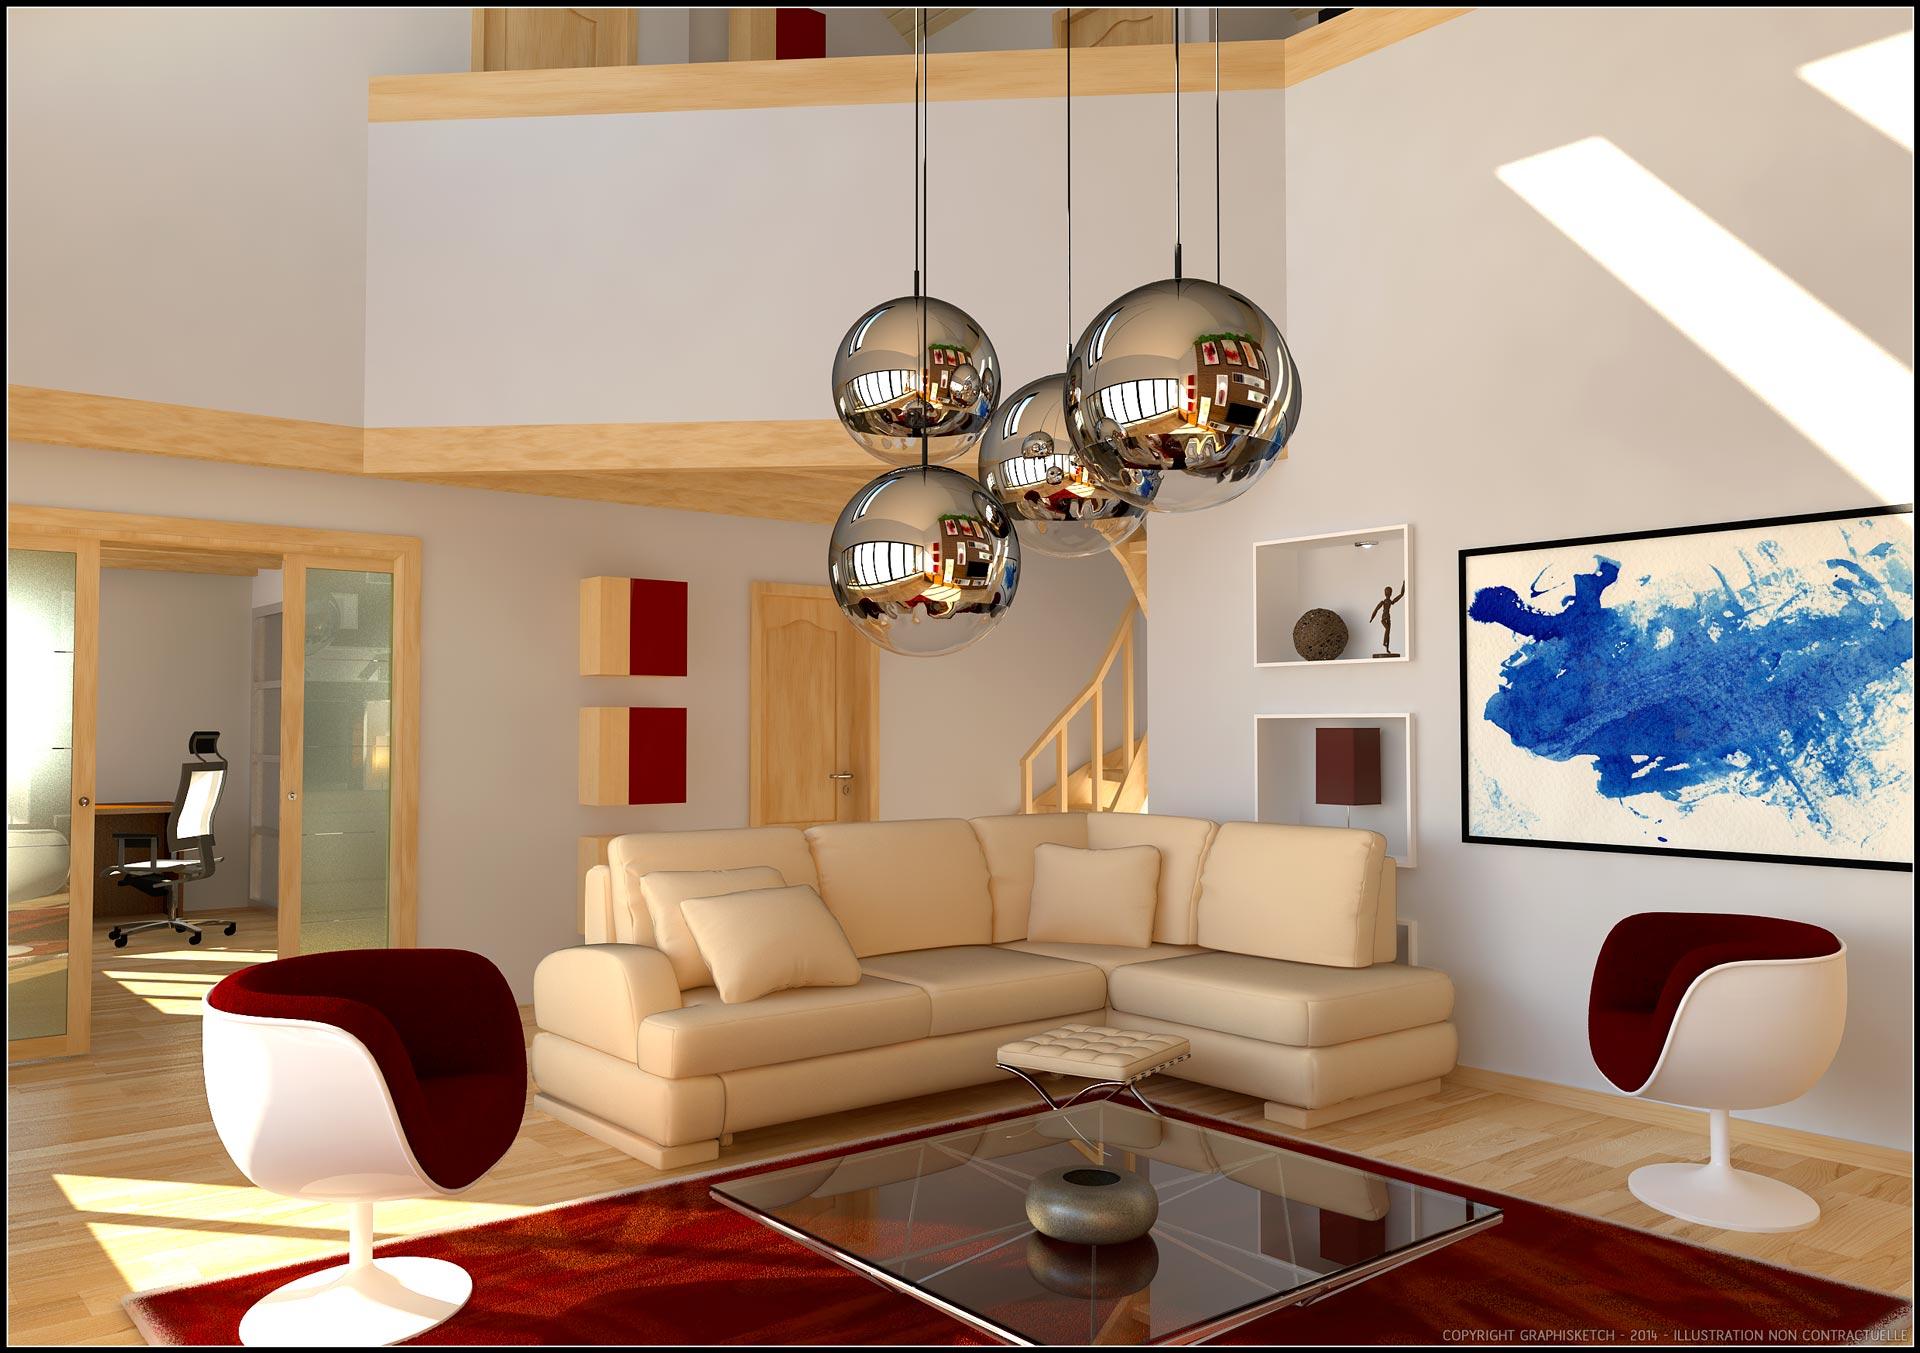 Architecture intérieur sur du pays Gex aux pays de savoie